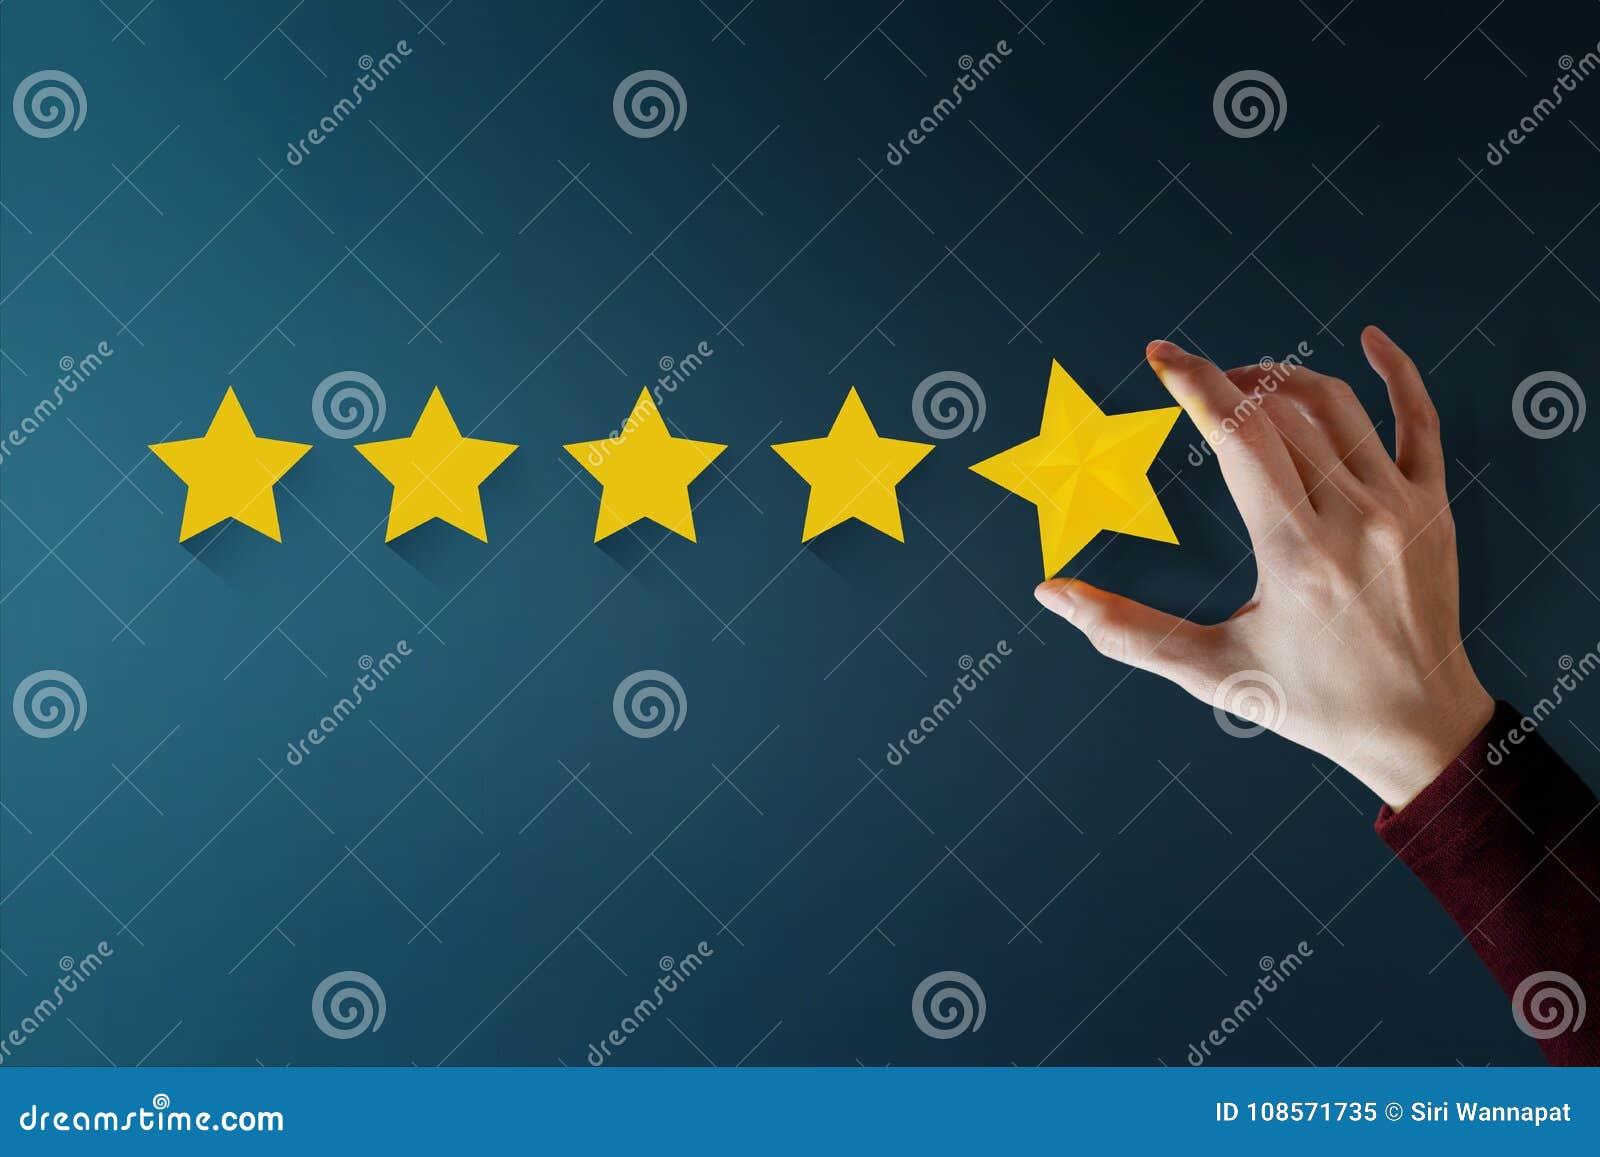 Concetto di esperienza del cliente, migliori servizi eccellenti per Satisfa